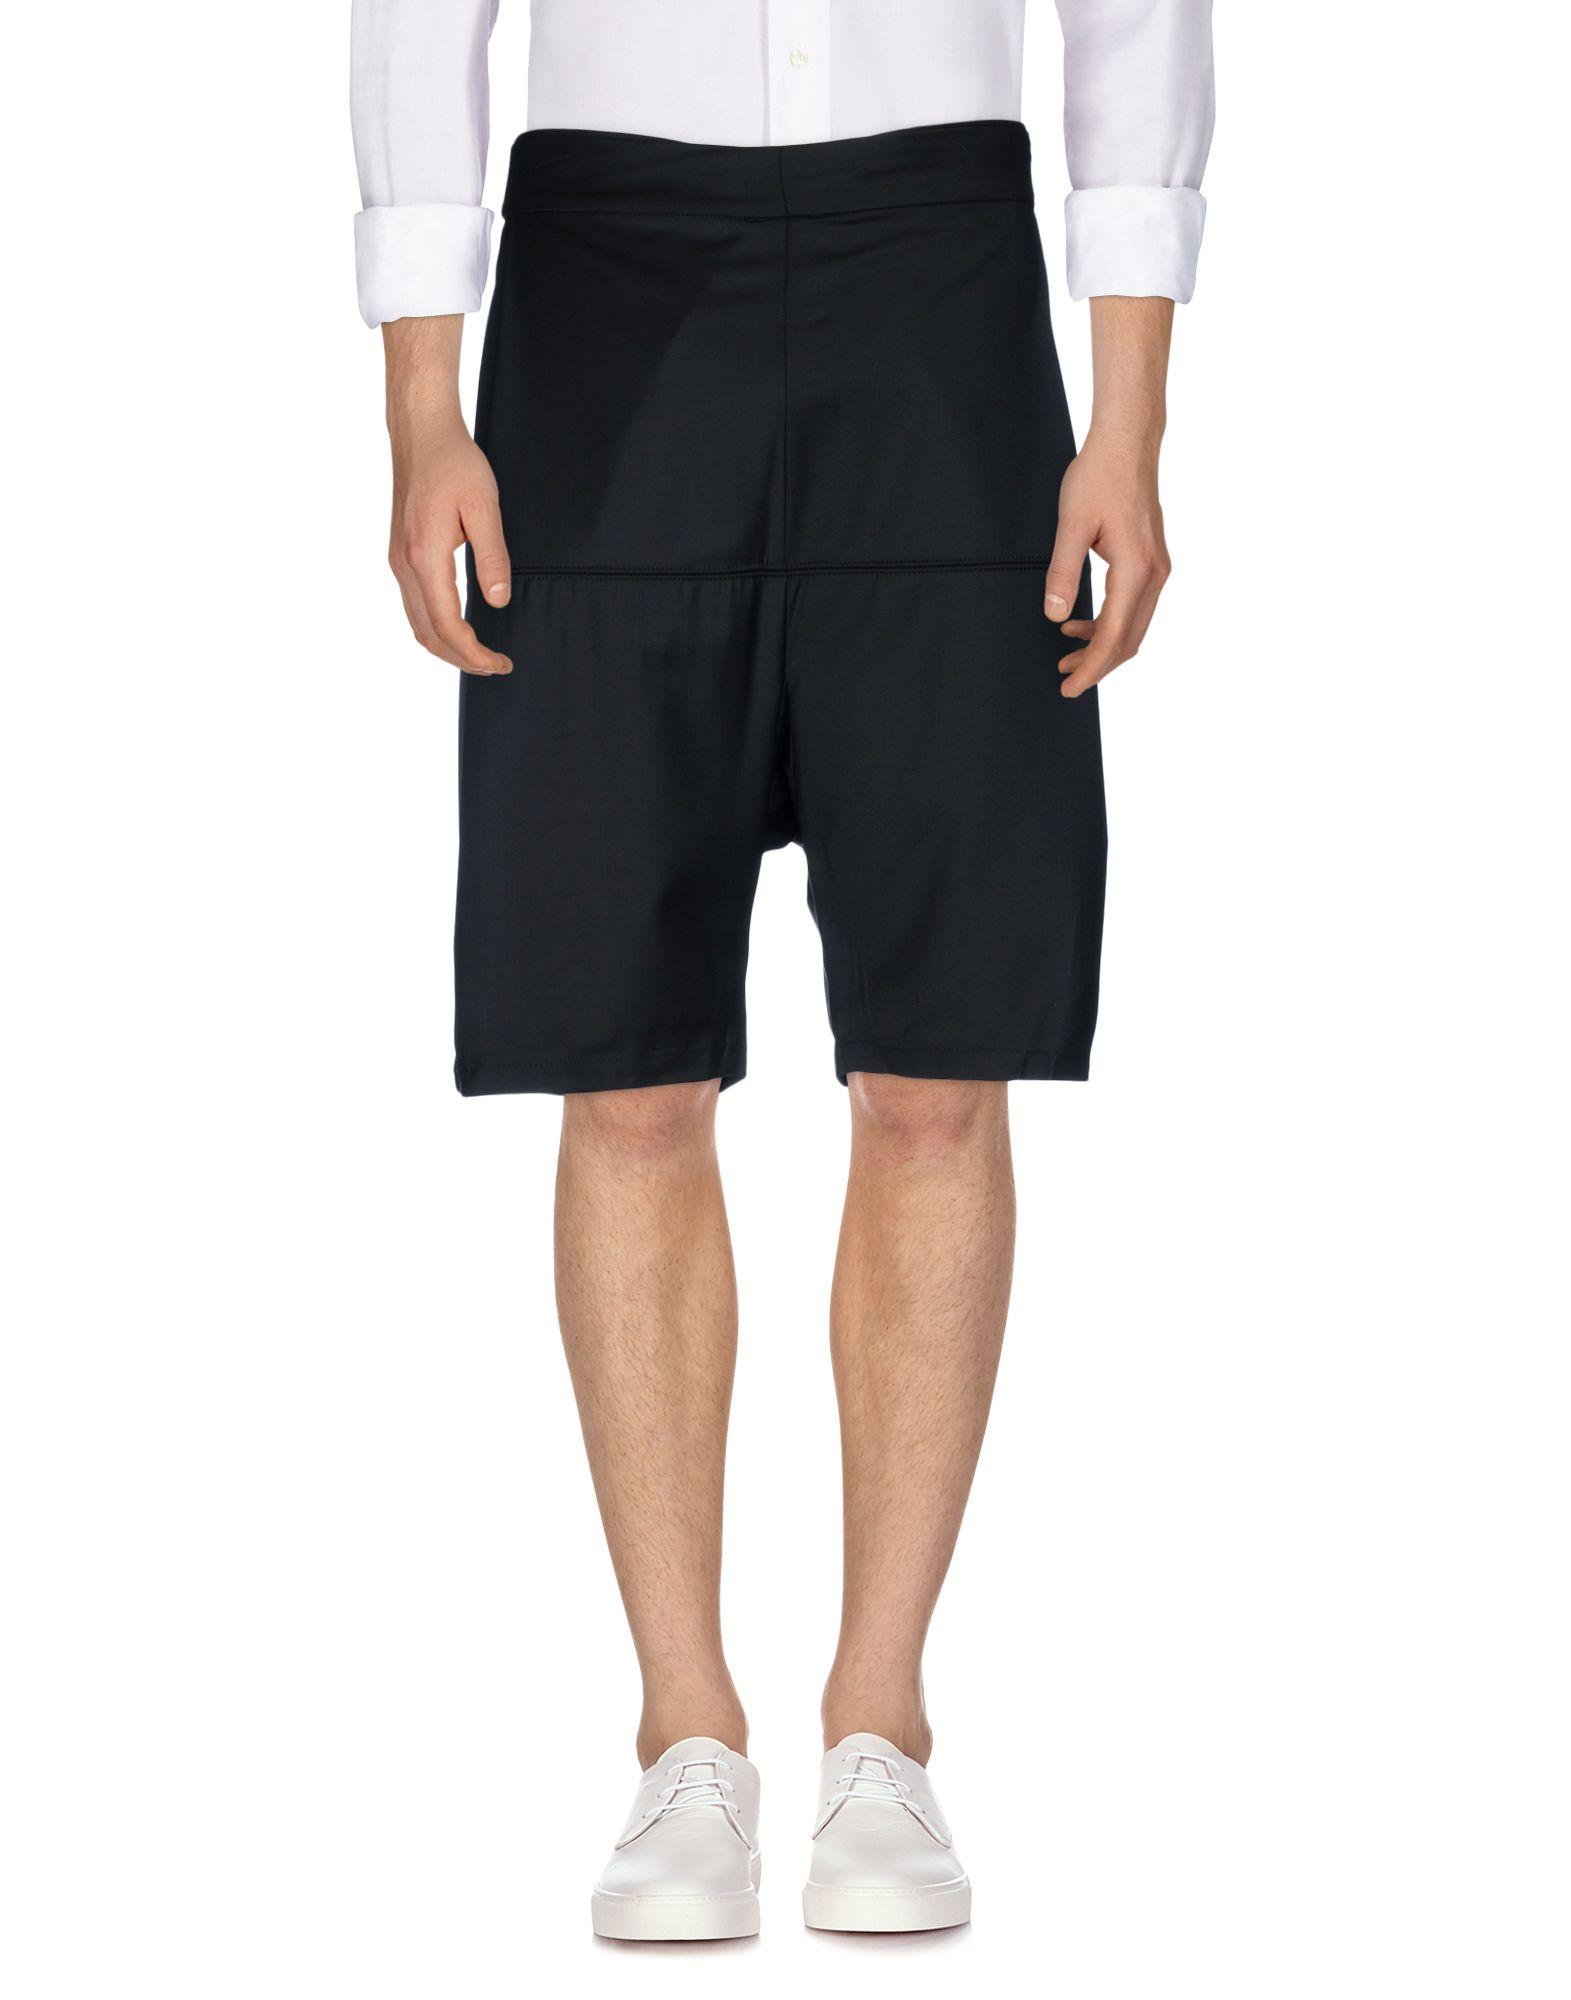 Shorts Odeur Donna - Acquista online su